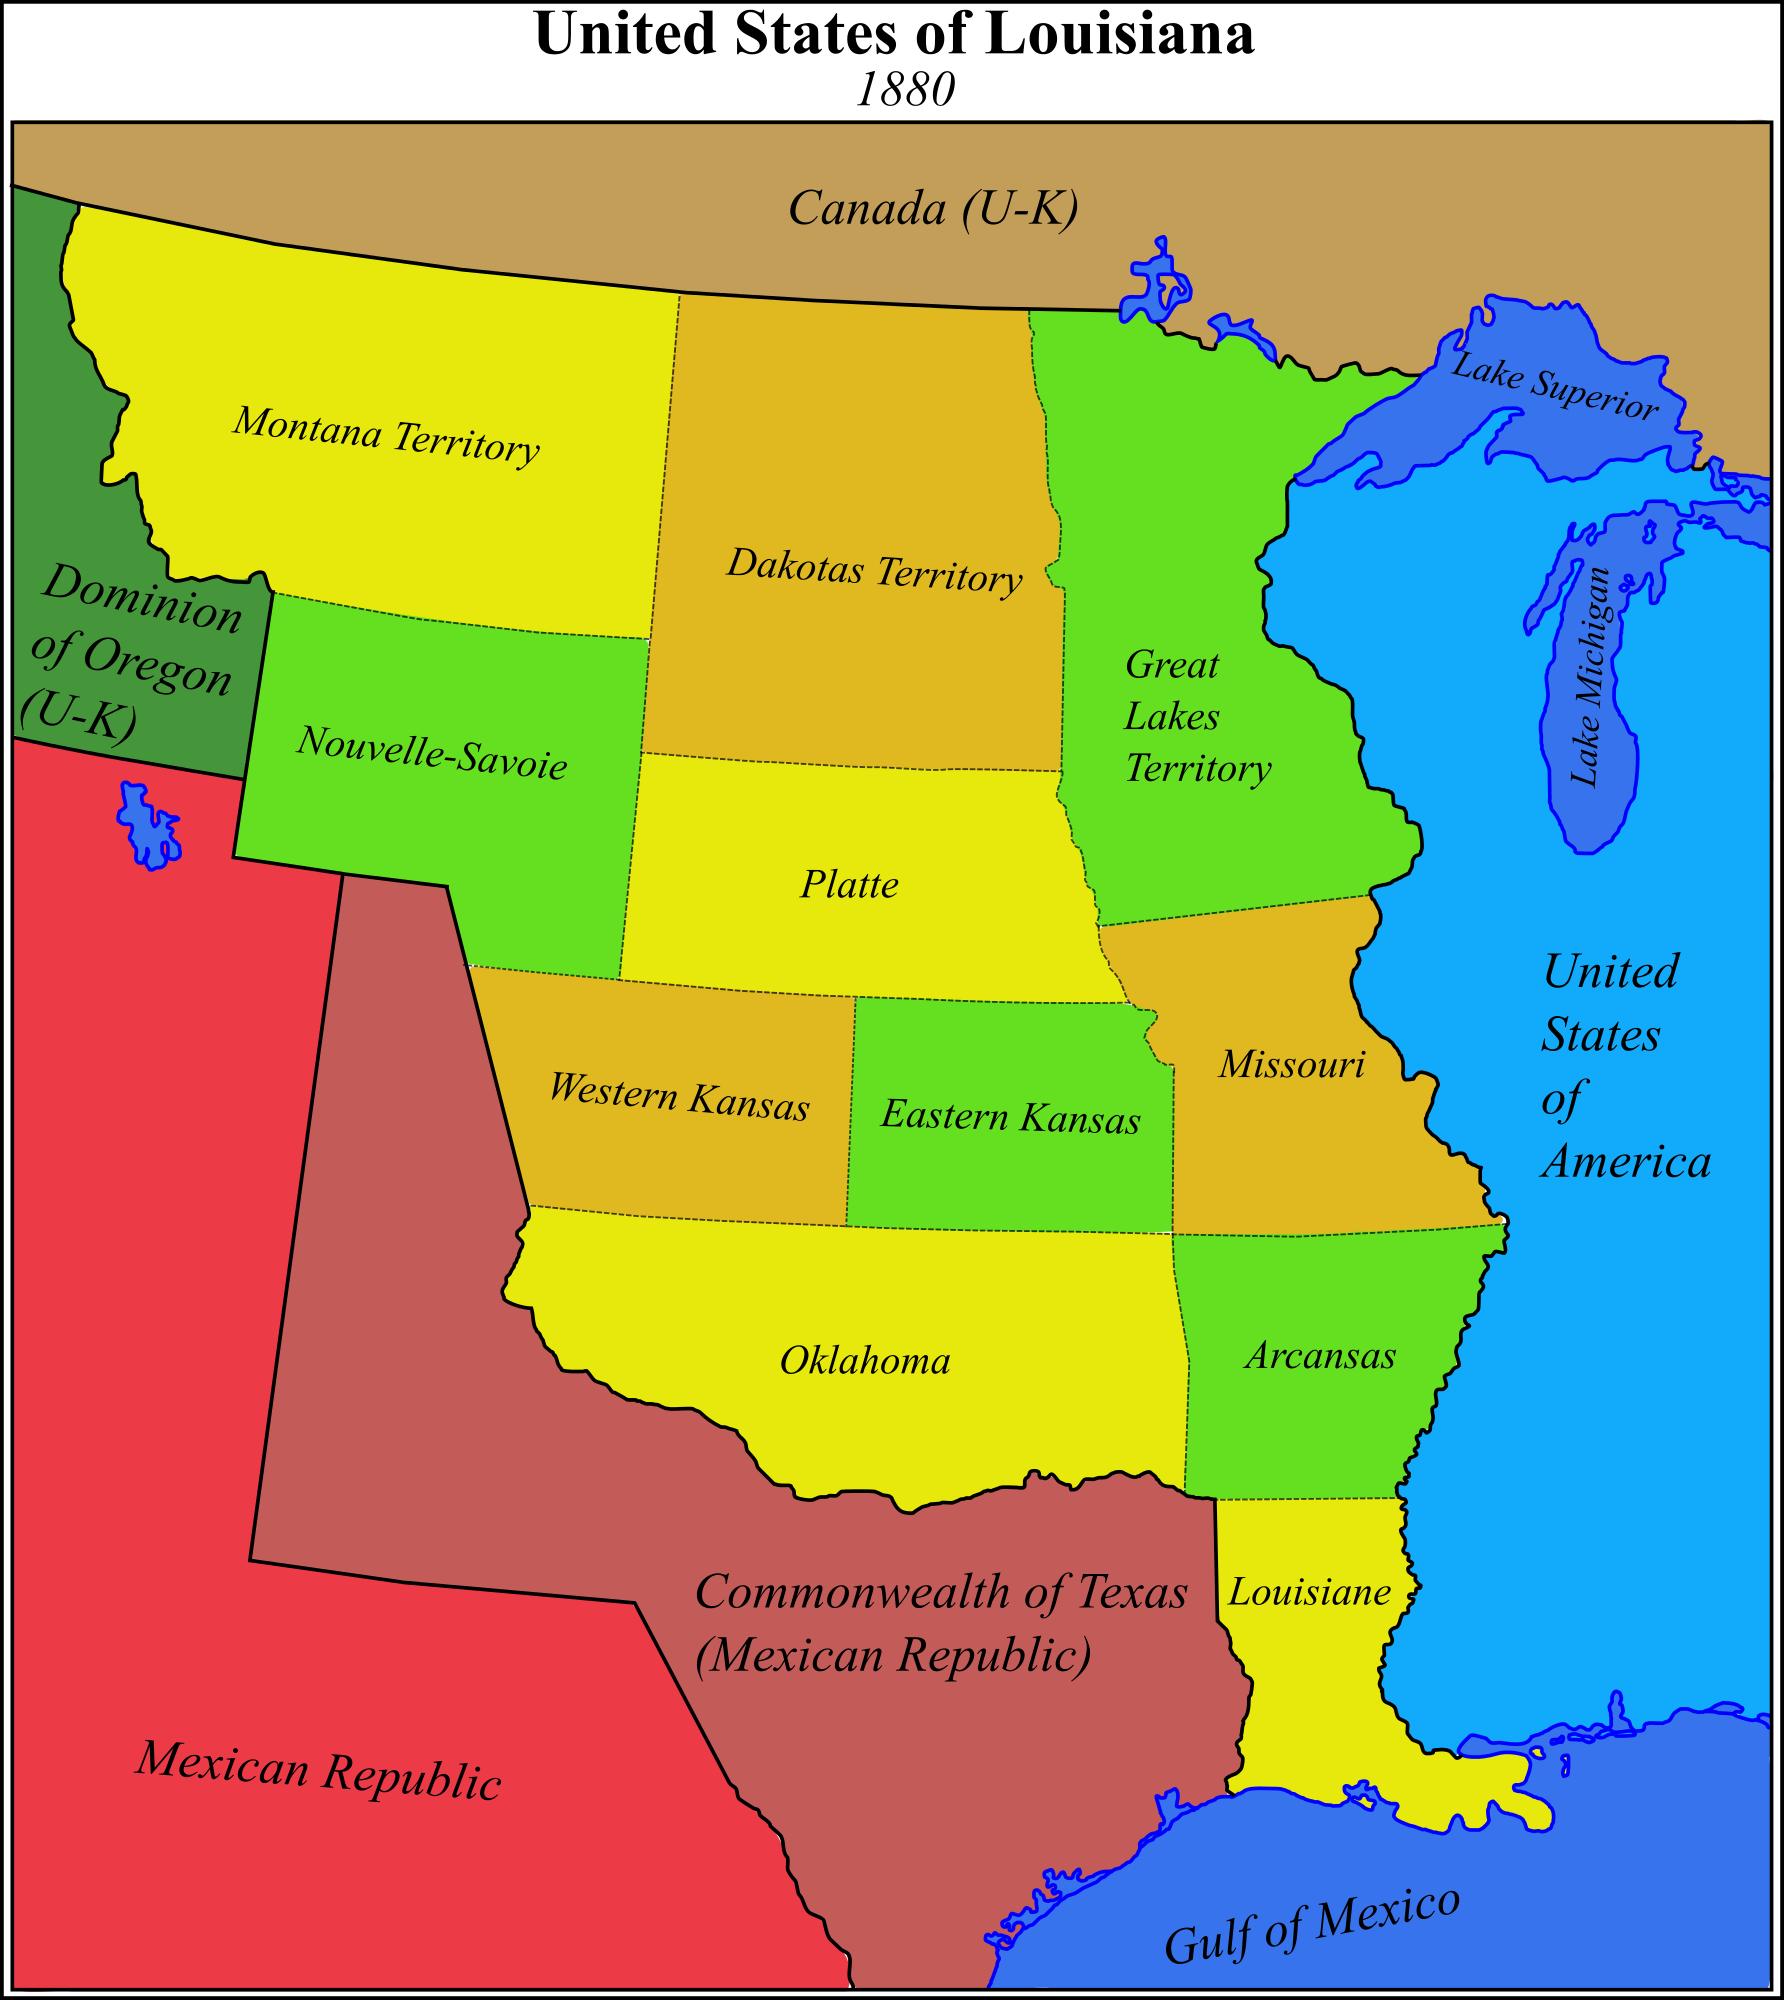 Alternate United States Map.United States Of Louisiana 1880 Imaginary Maps Pinterest